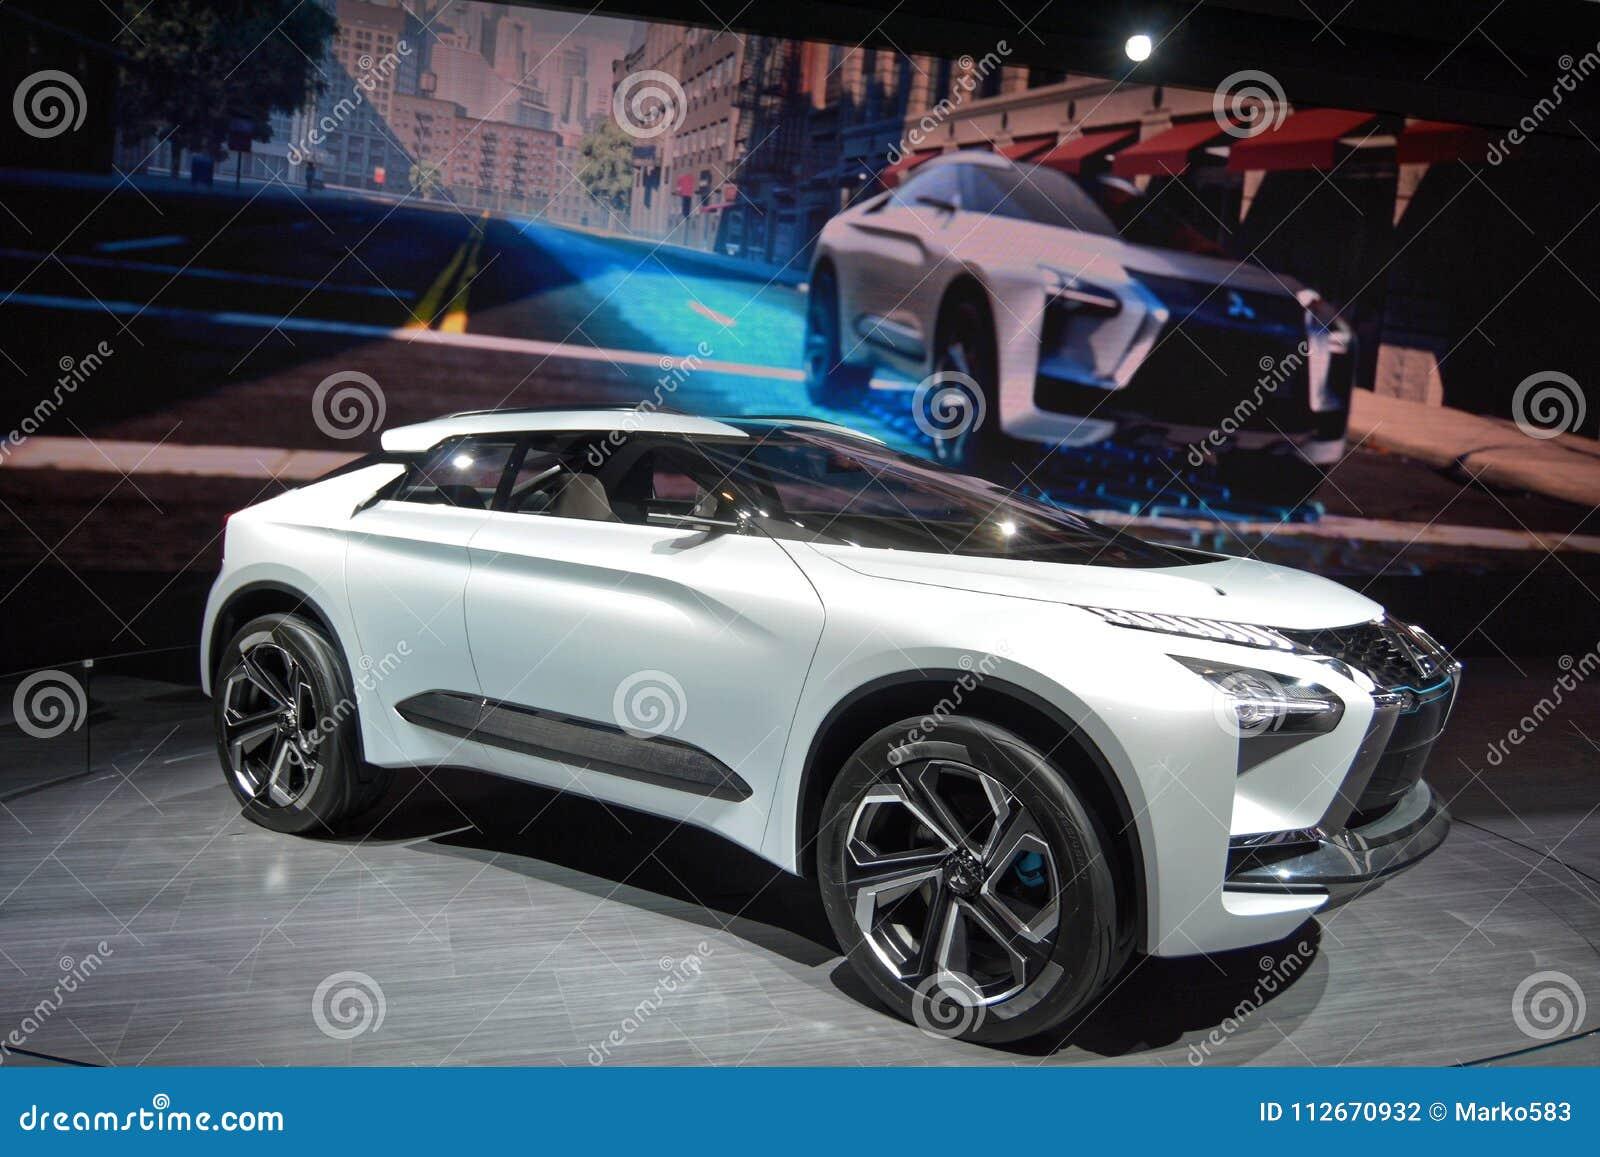 88th Geneva International Motor Show 2018 Mitsubishi E Evolution